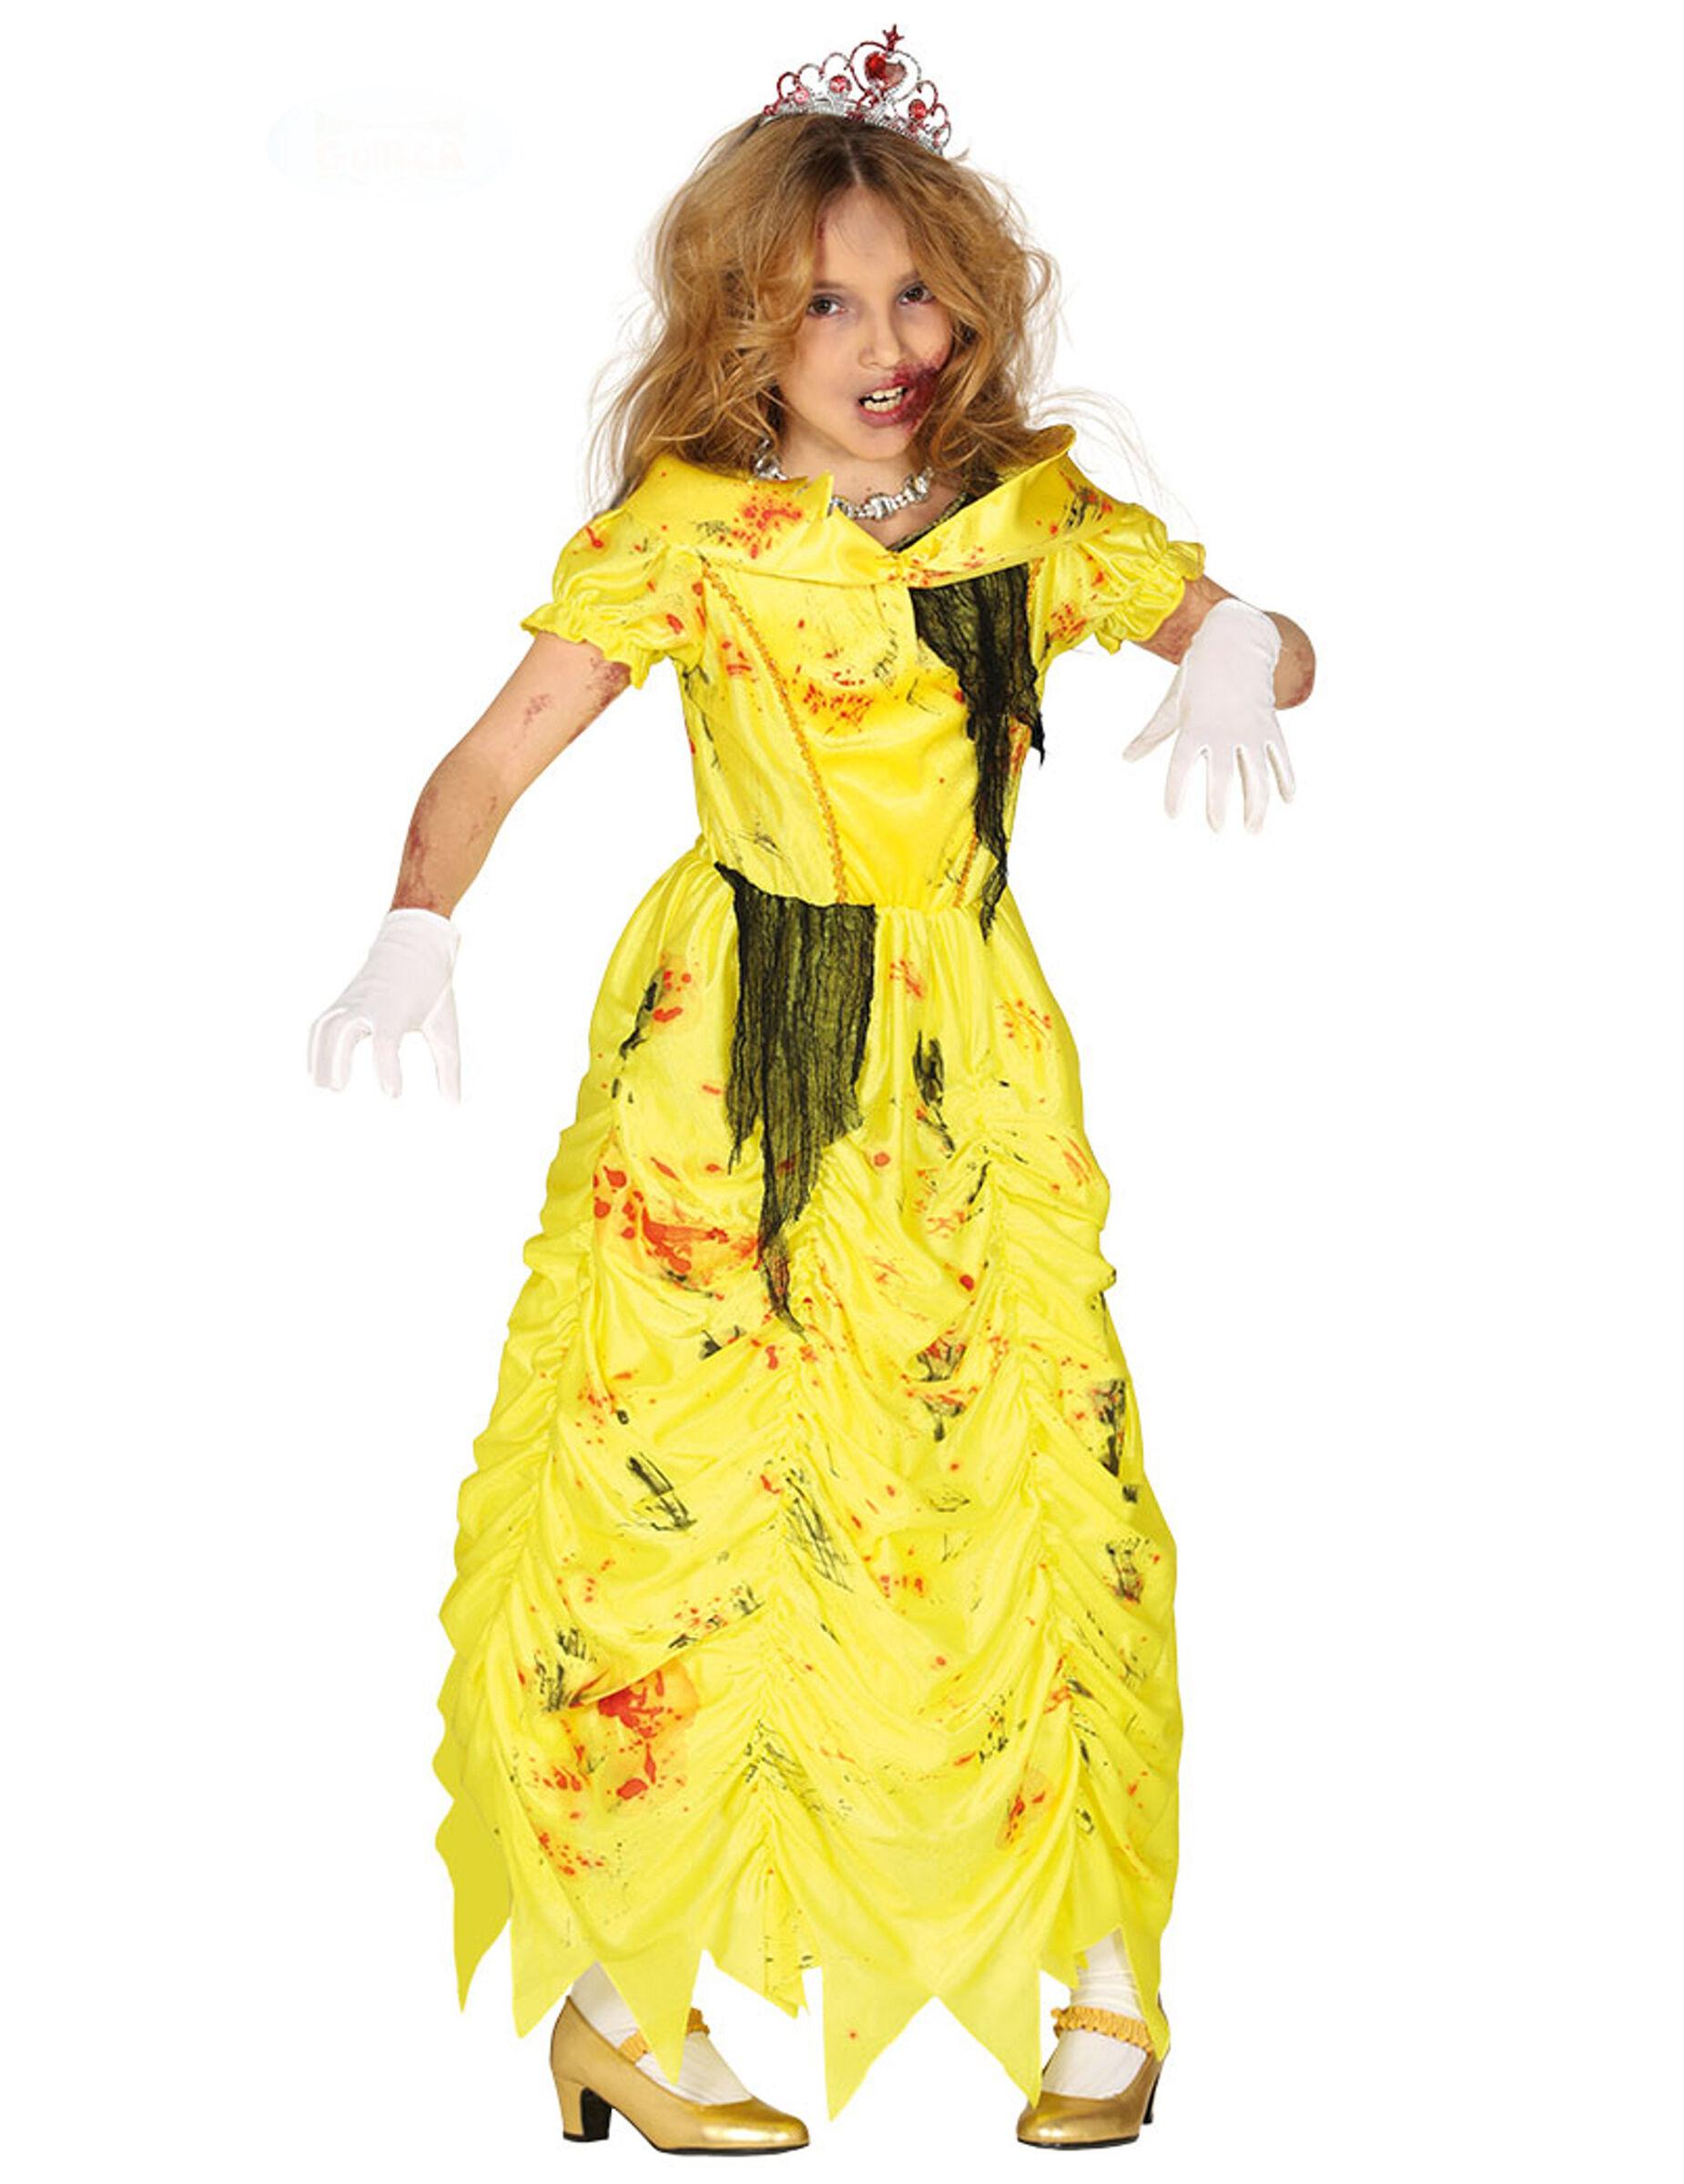 Deguisetoi Déguisement princesse zombie jaune fille - Taille: 5 à 6 ans (110-115 cm)